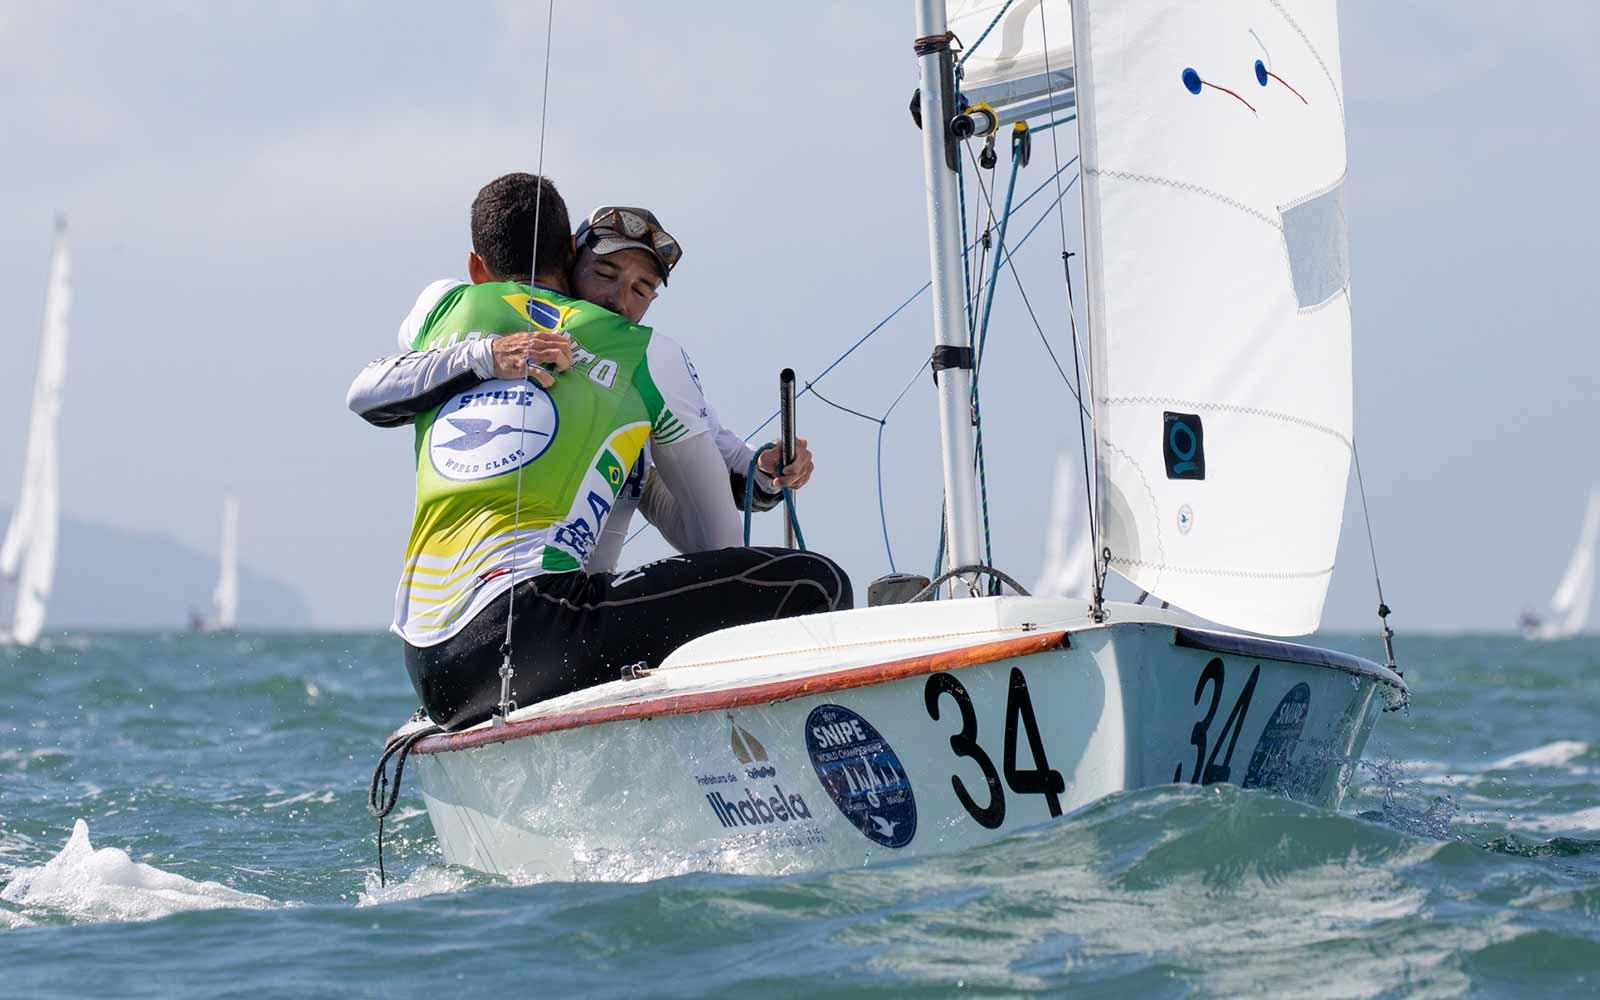 mundial snipe 2019 - boatshopping